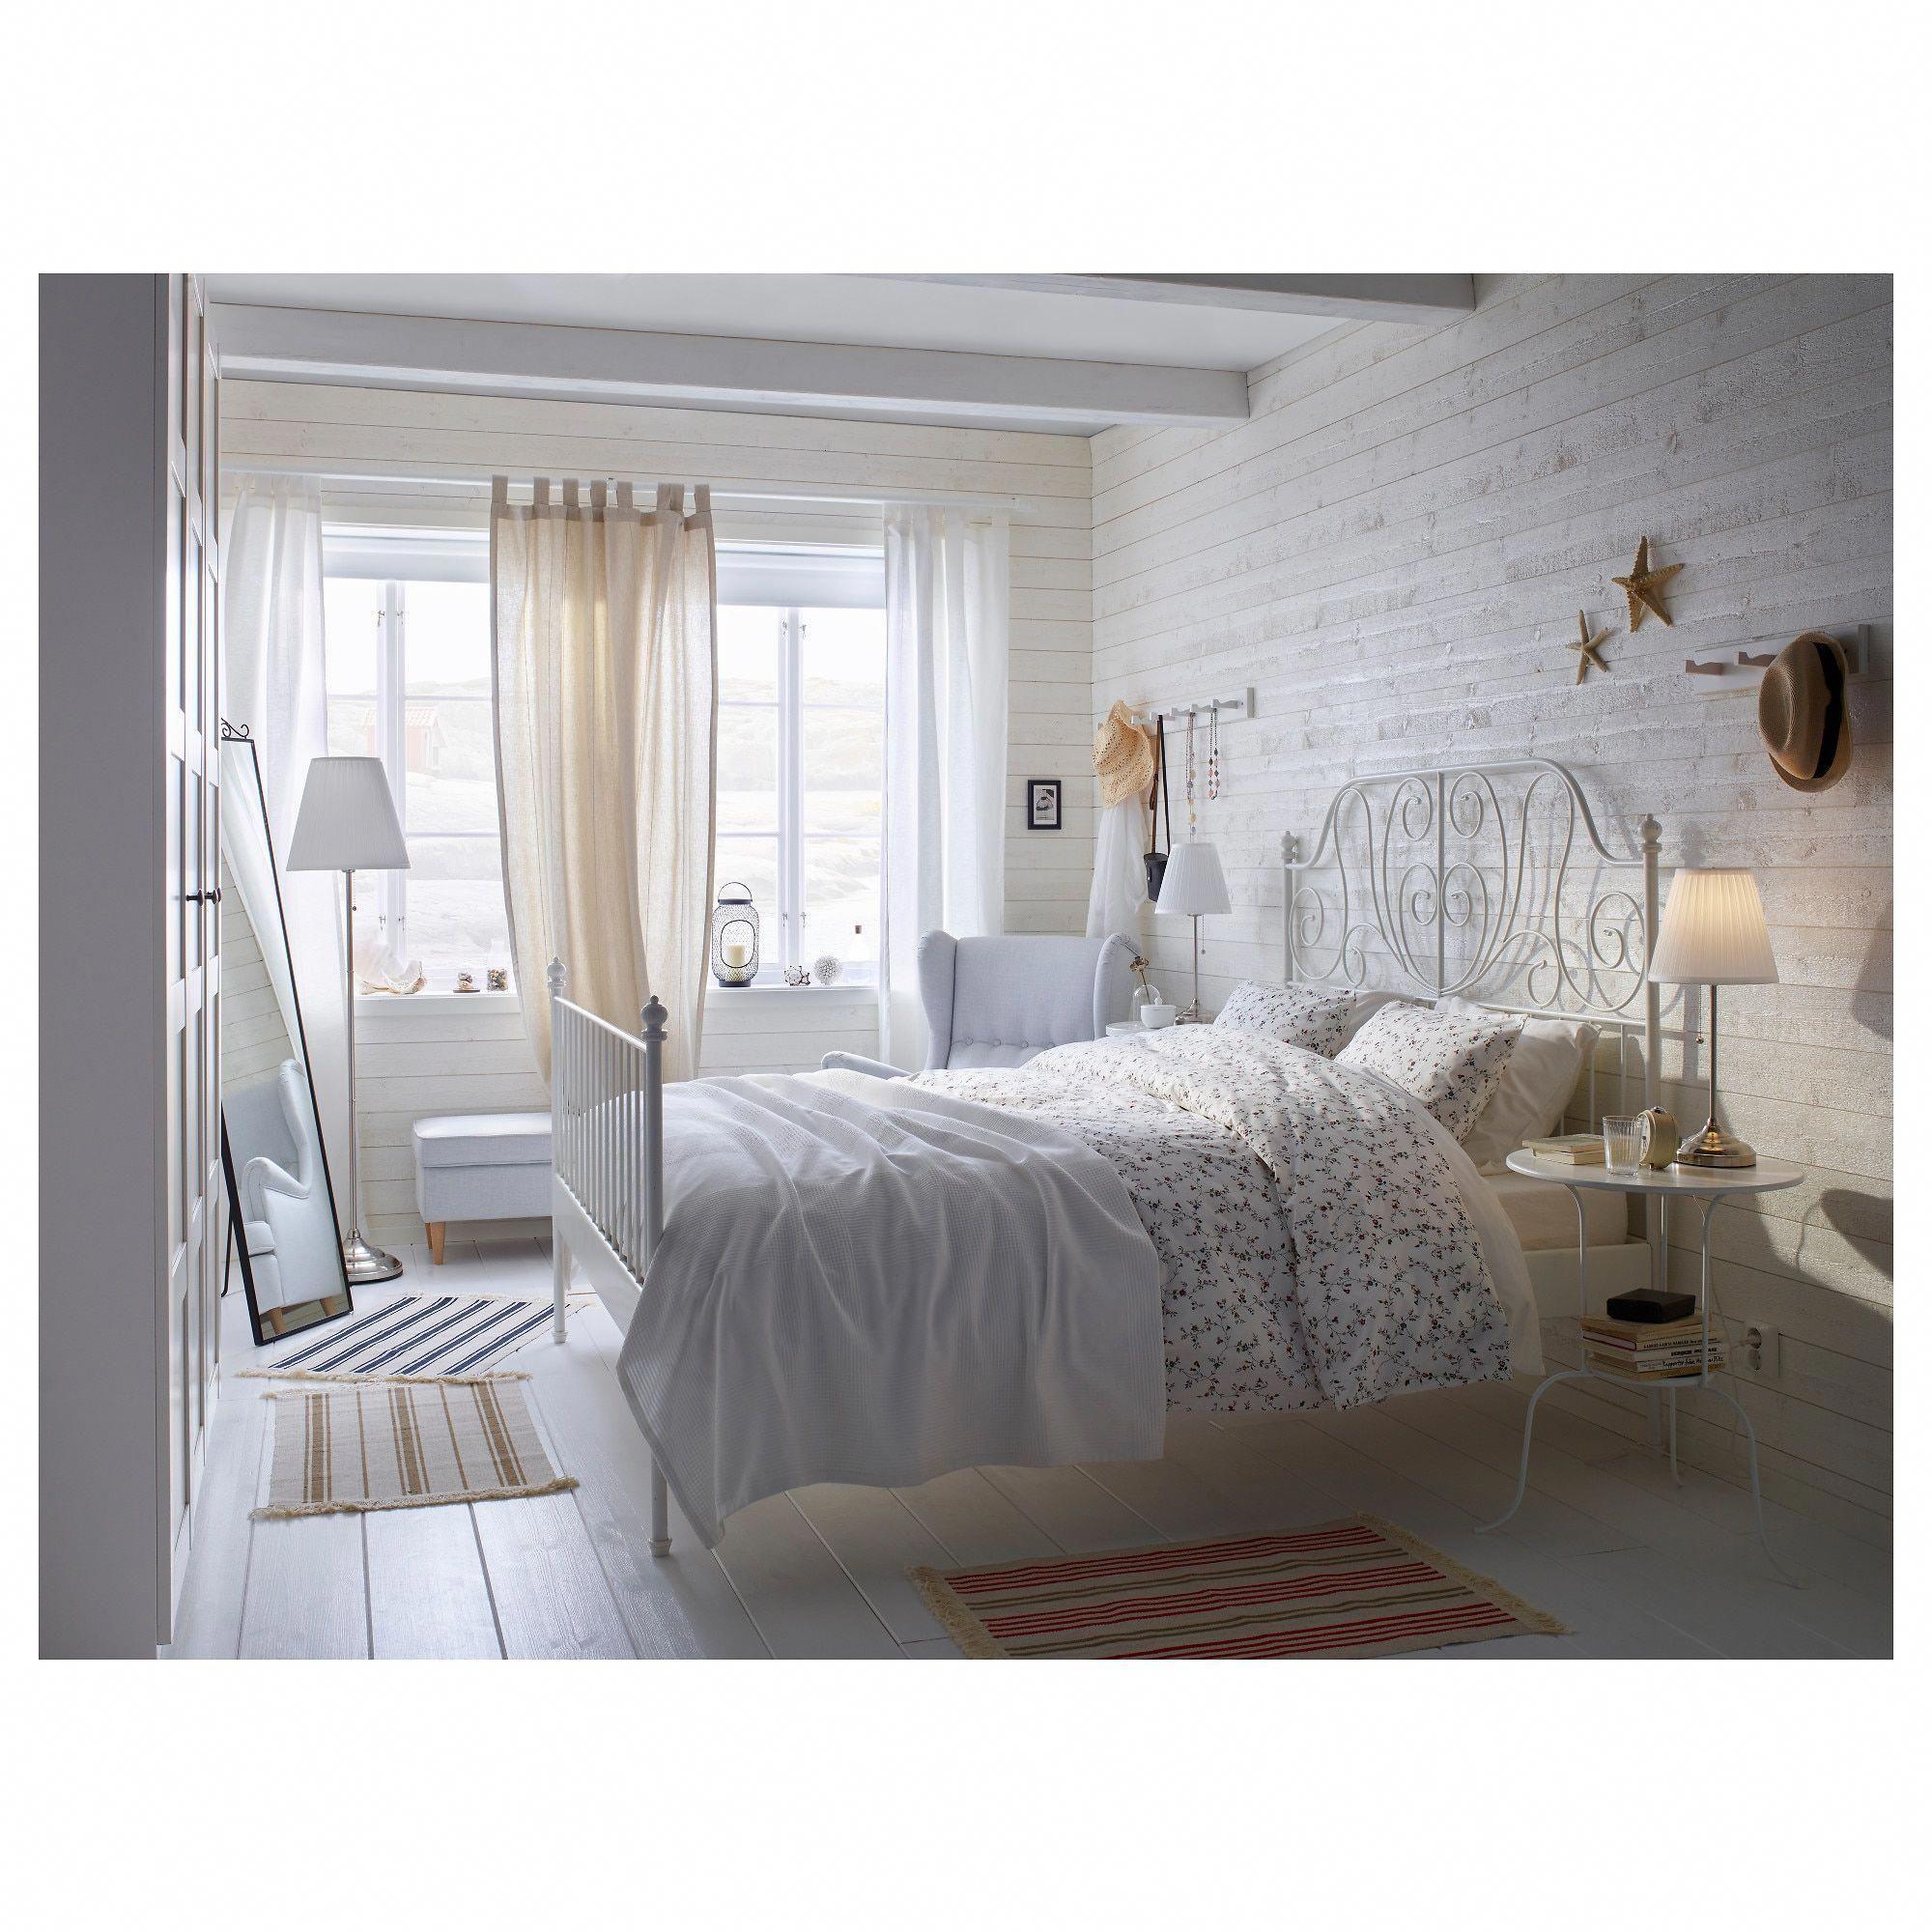 IKEA LEIRVIK White, Espevär Bed frame beds in 2020